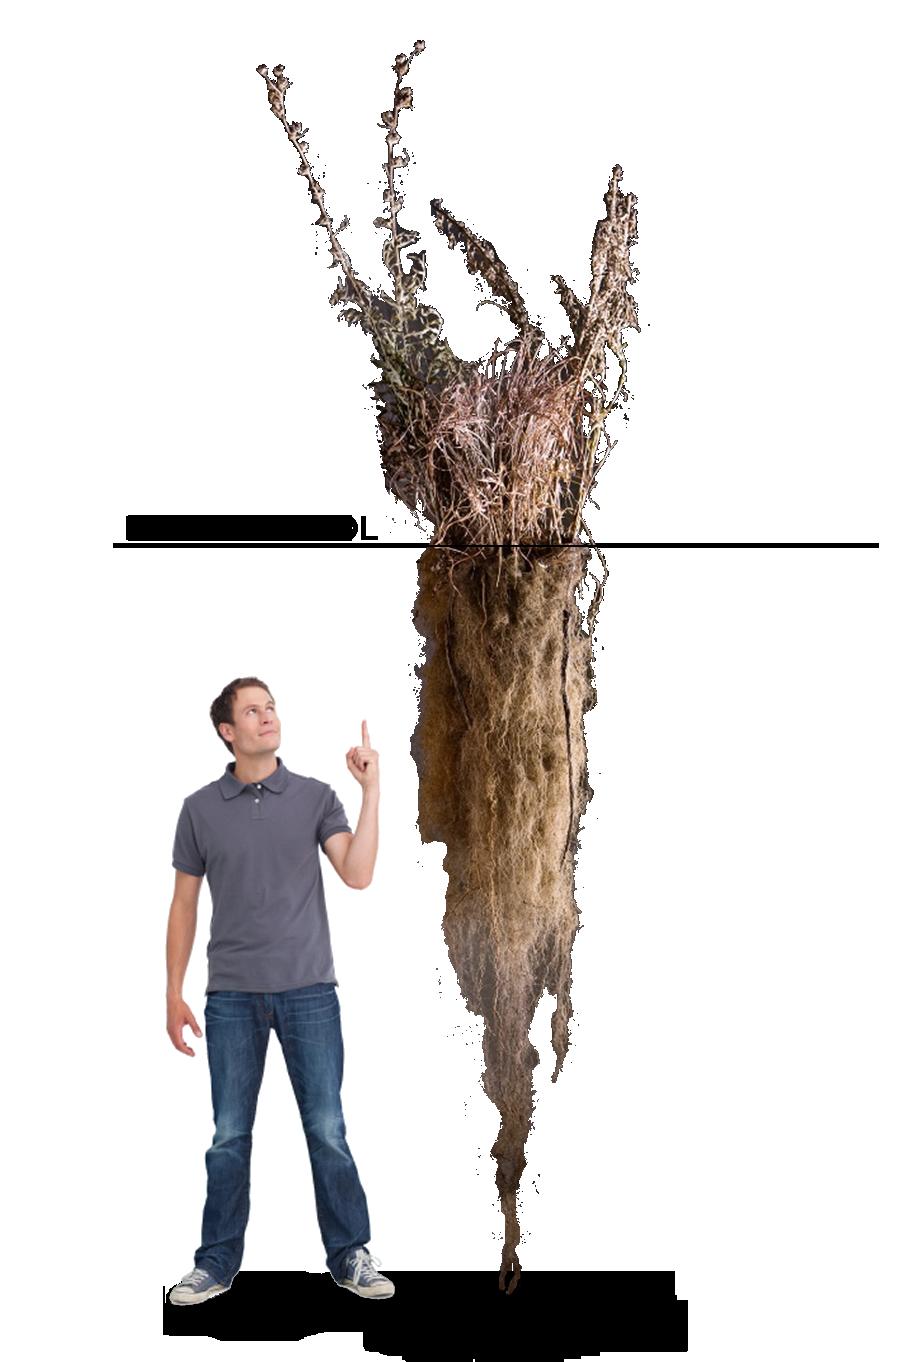 Les graminées ont de longues racines dont jusqu'à 70% poussent sous la terre. Ainsi, ces racines absorbent le gaz carbonique dans l'air pour l'emmagasiner dans le sol.